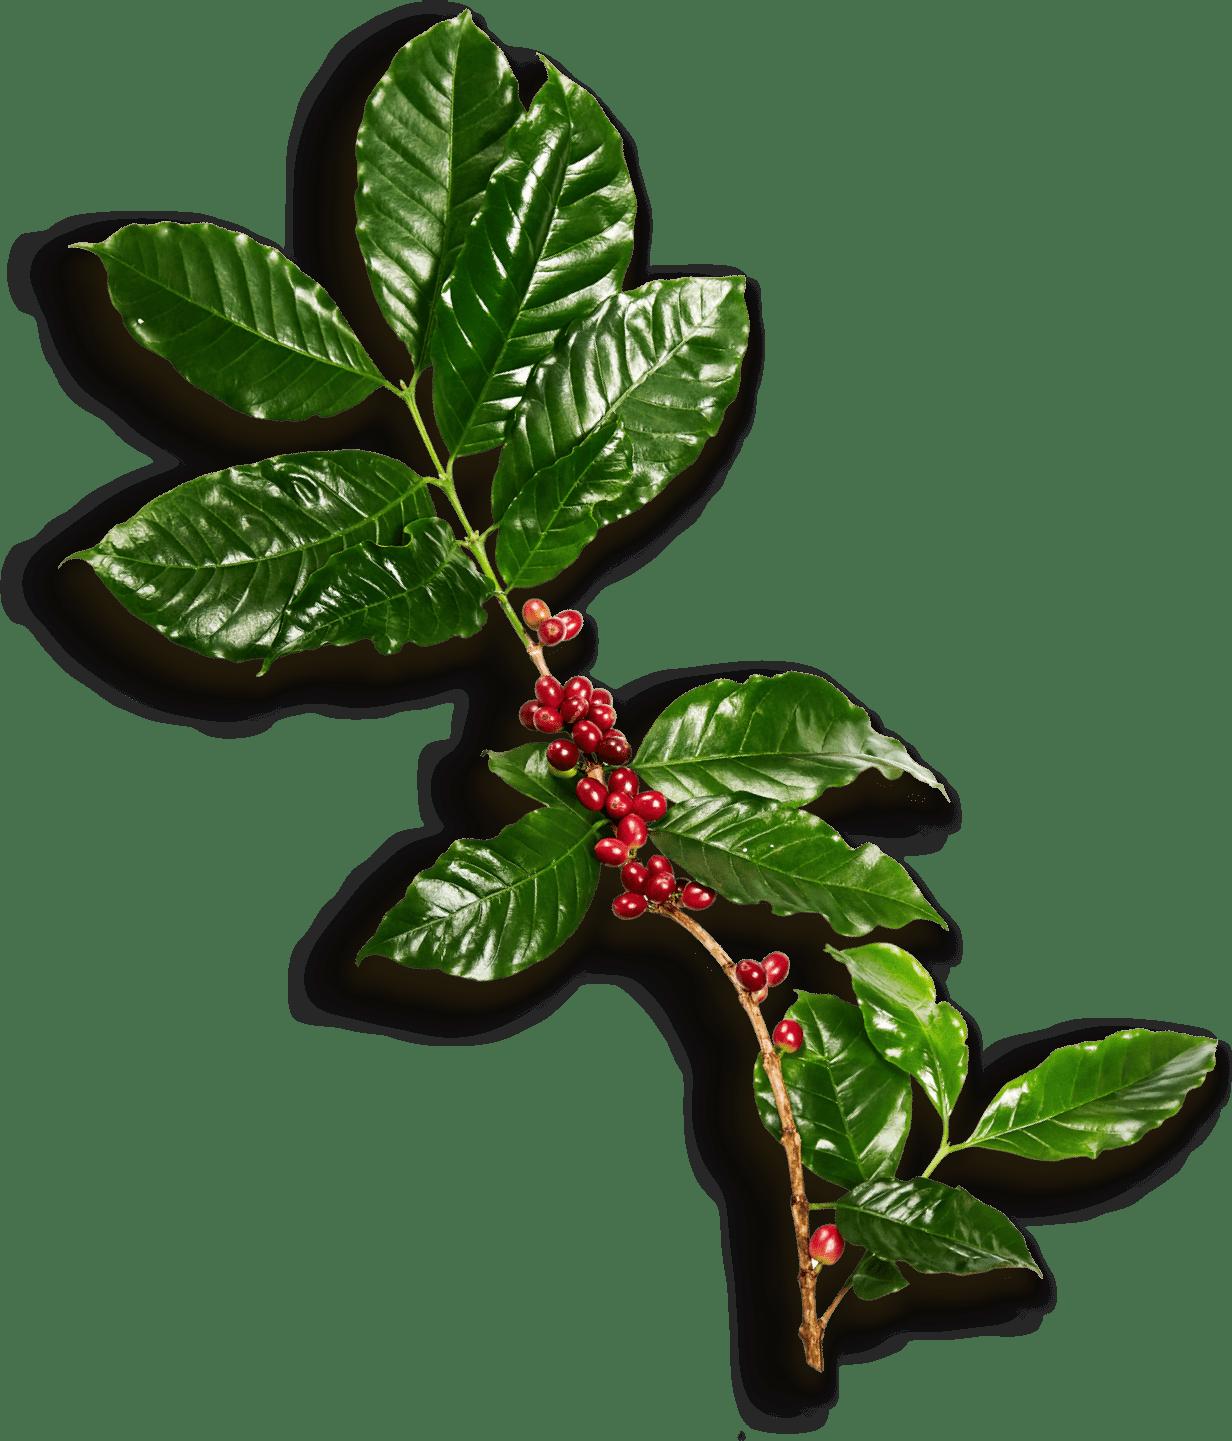 leaf-xl